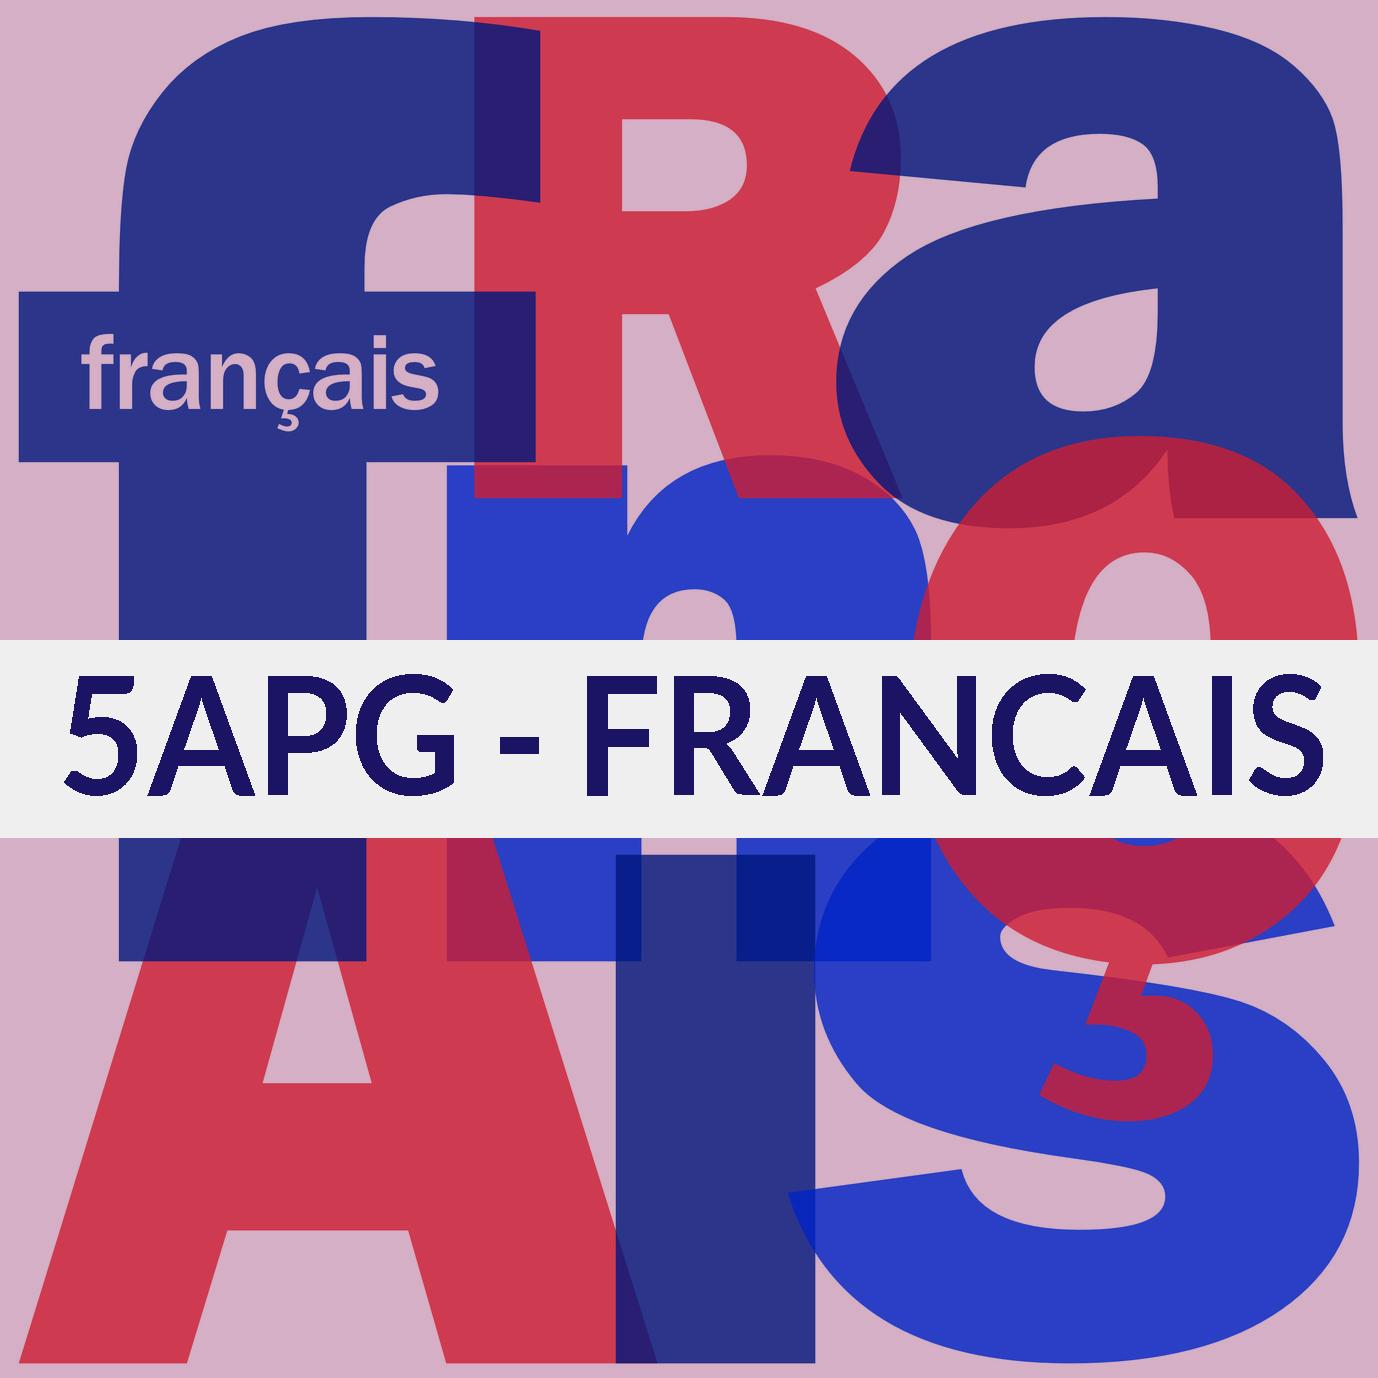 5APG-français course image